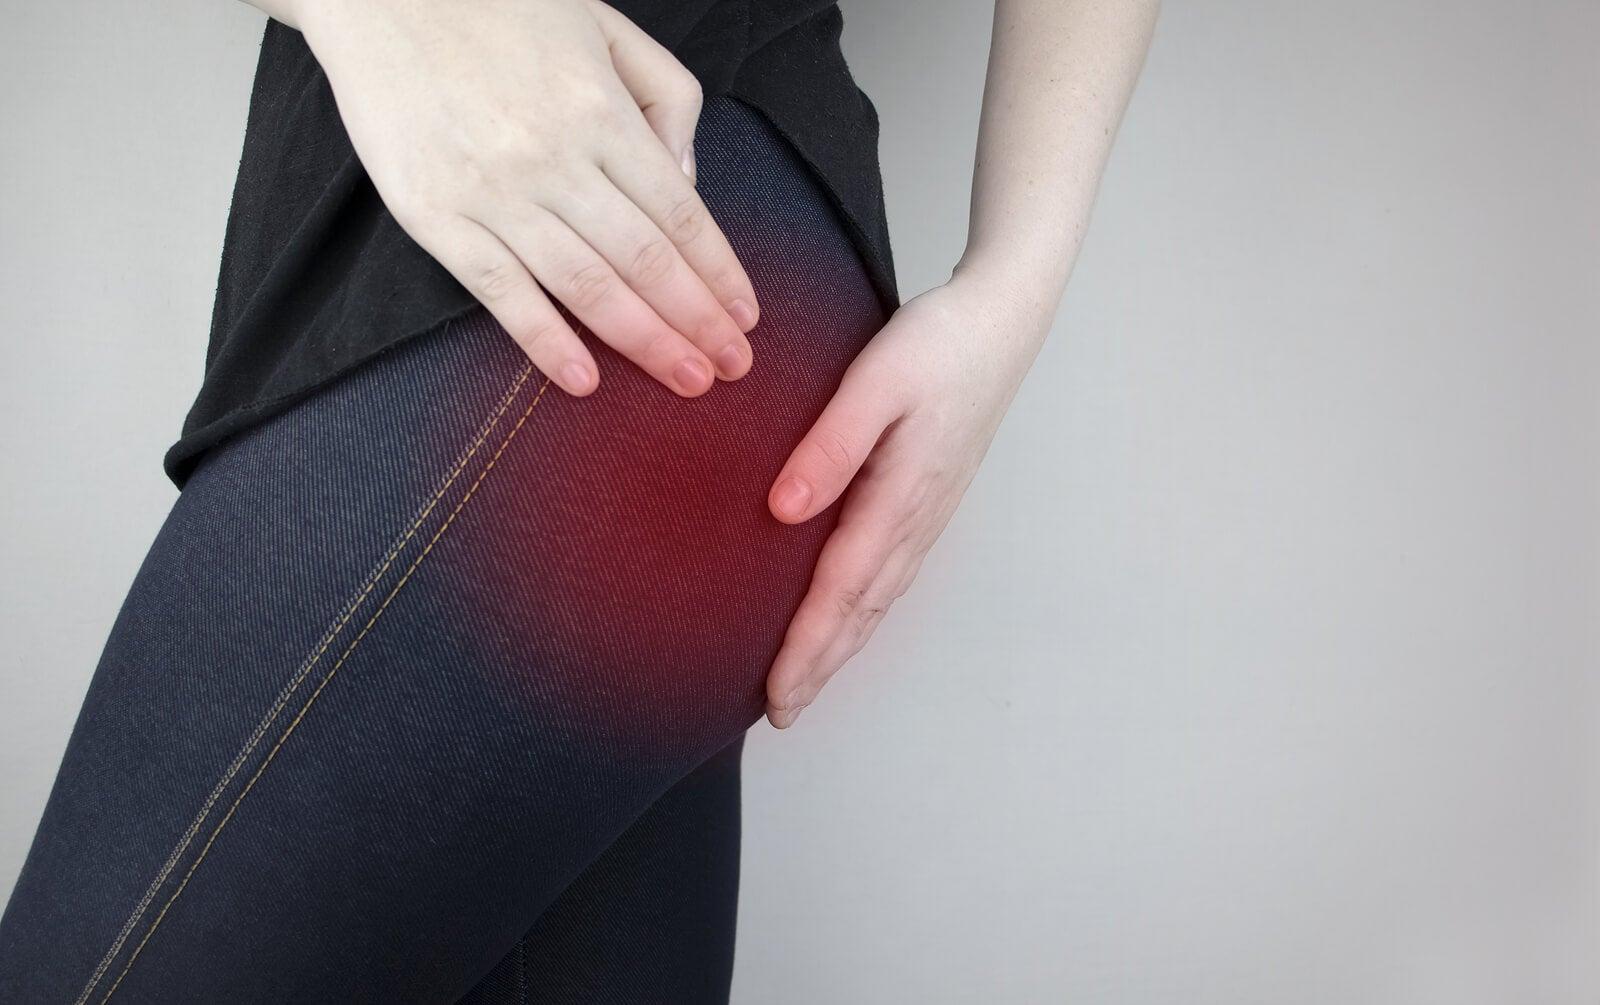 Entre las diferencia entre dolor de riñones y dolor lumbar están las características del dolor y los síntomas asociados